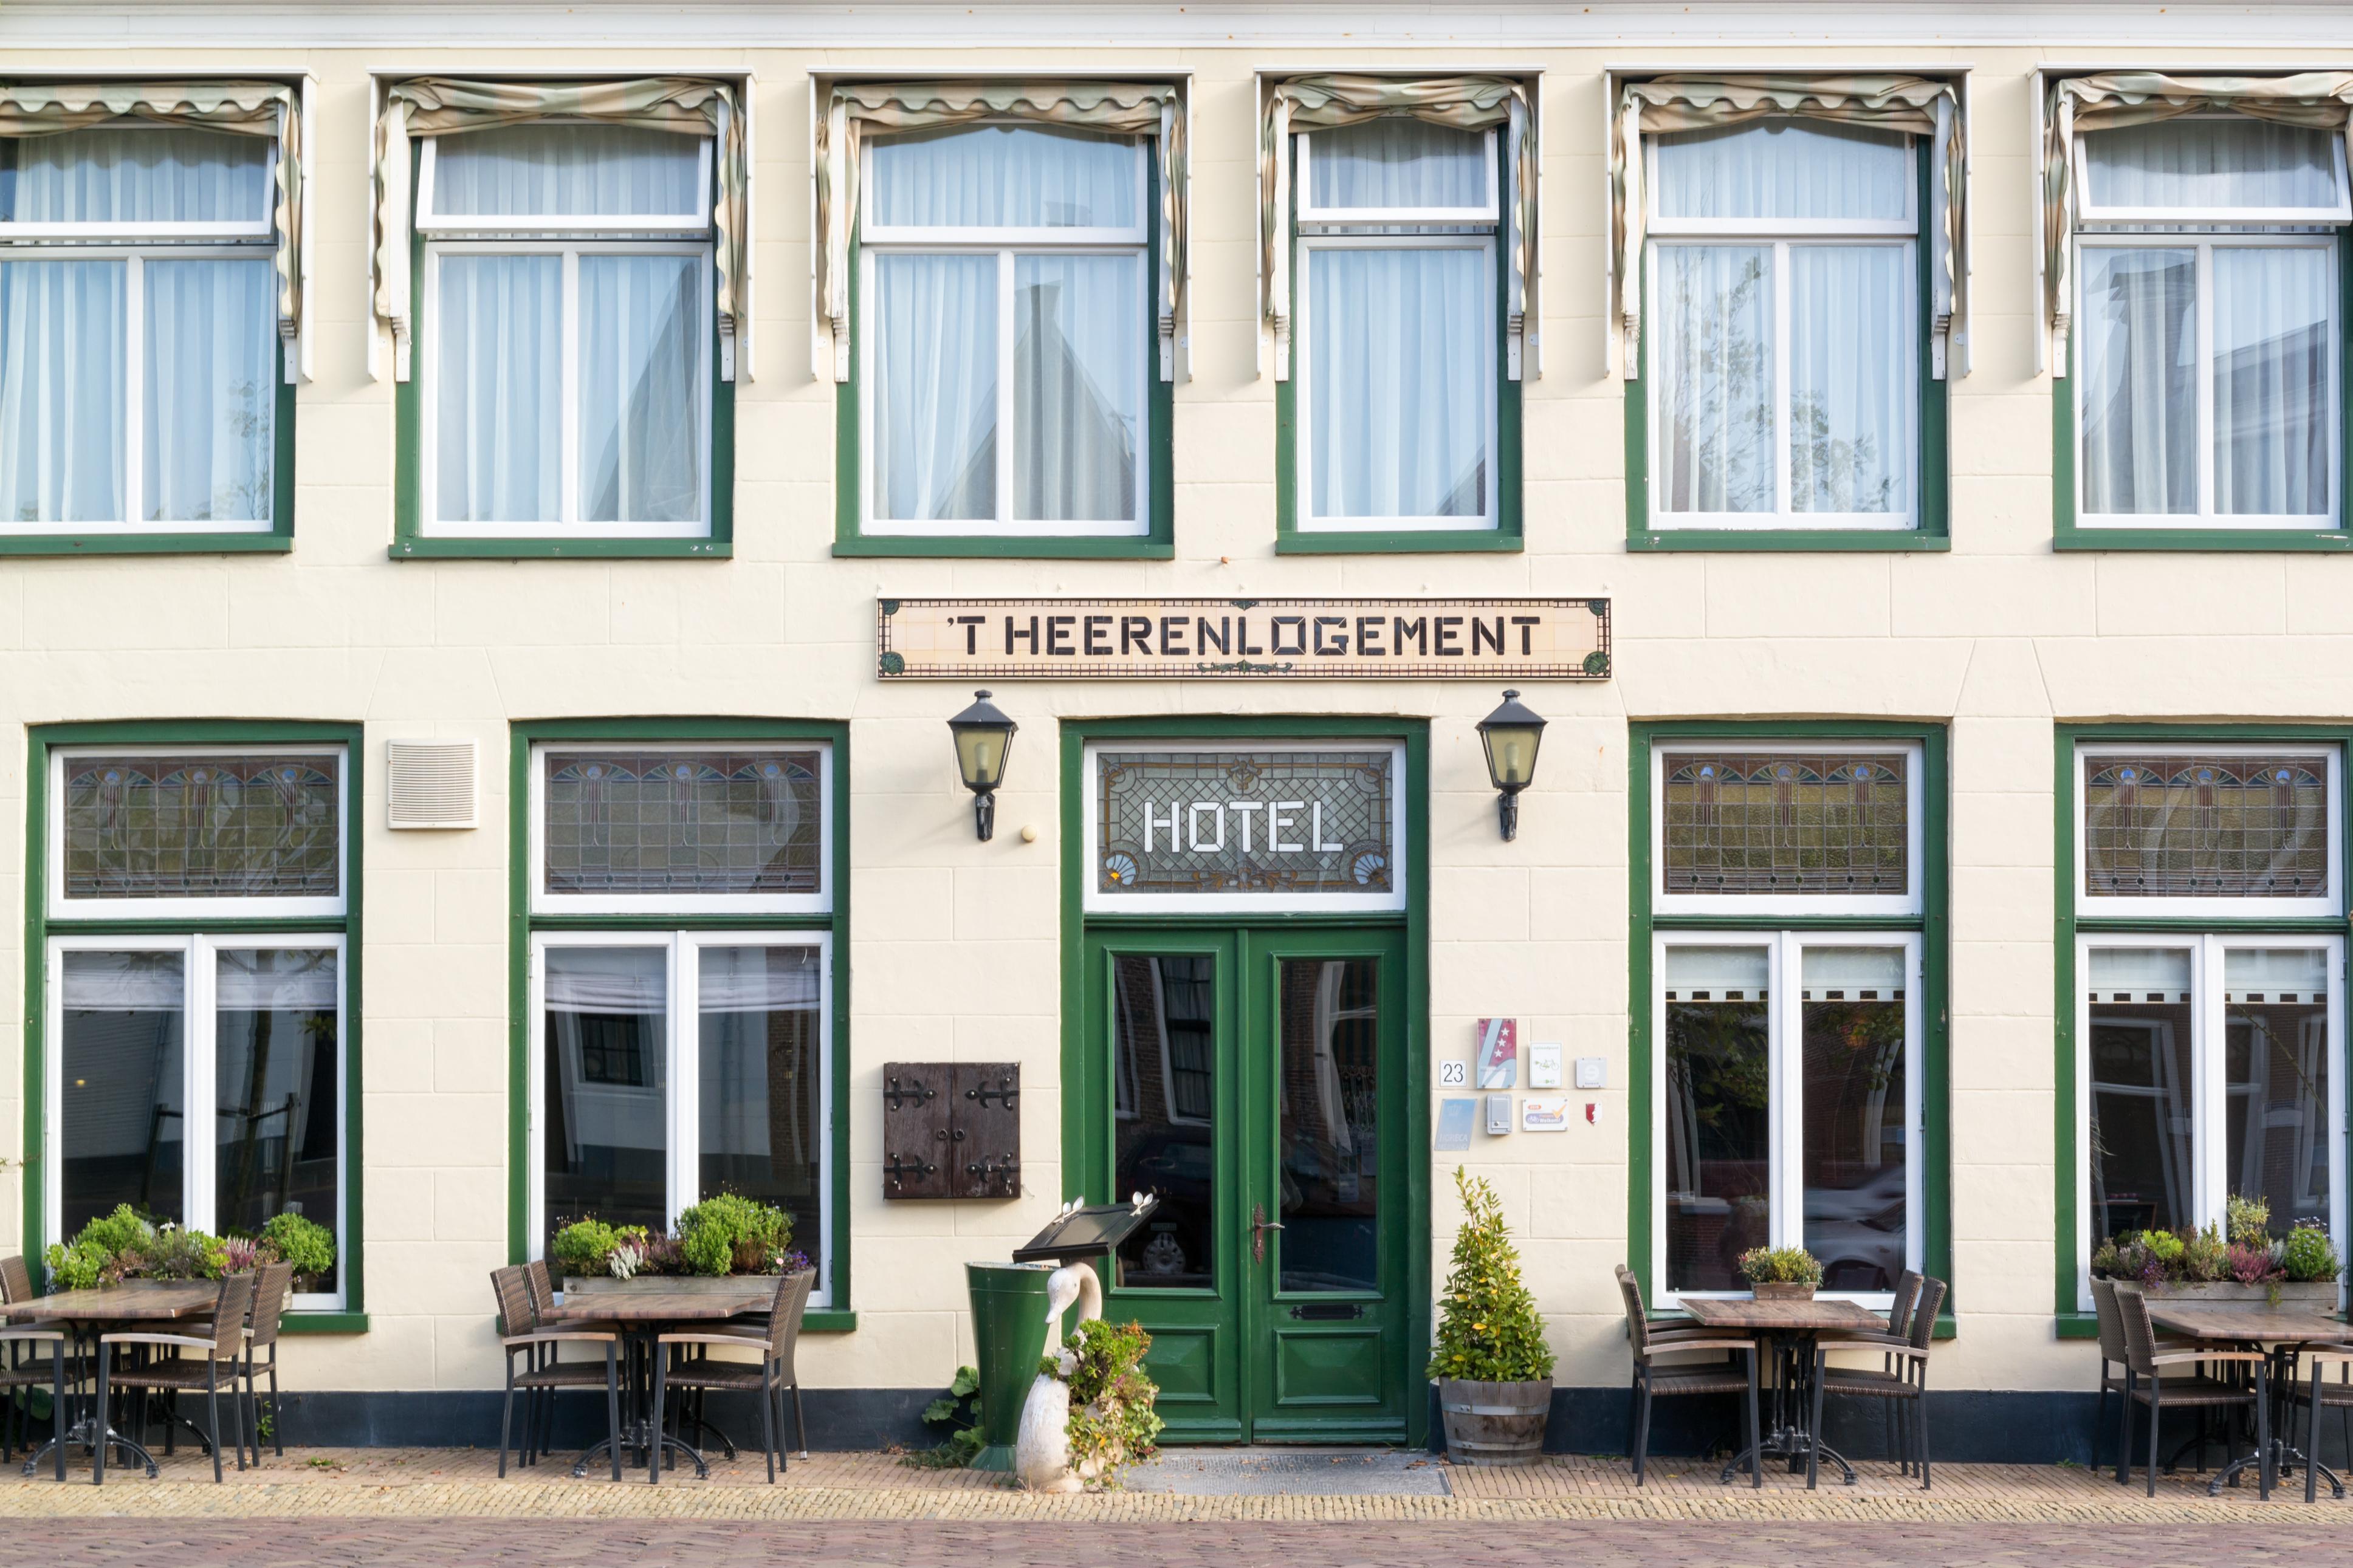 Hotel 't Heerenlogement in the centre of Harlingen